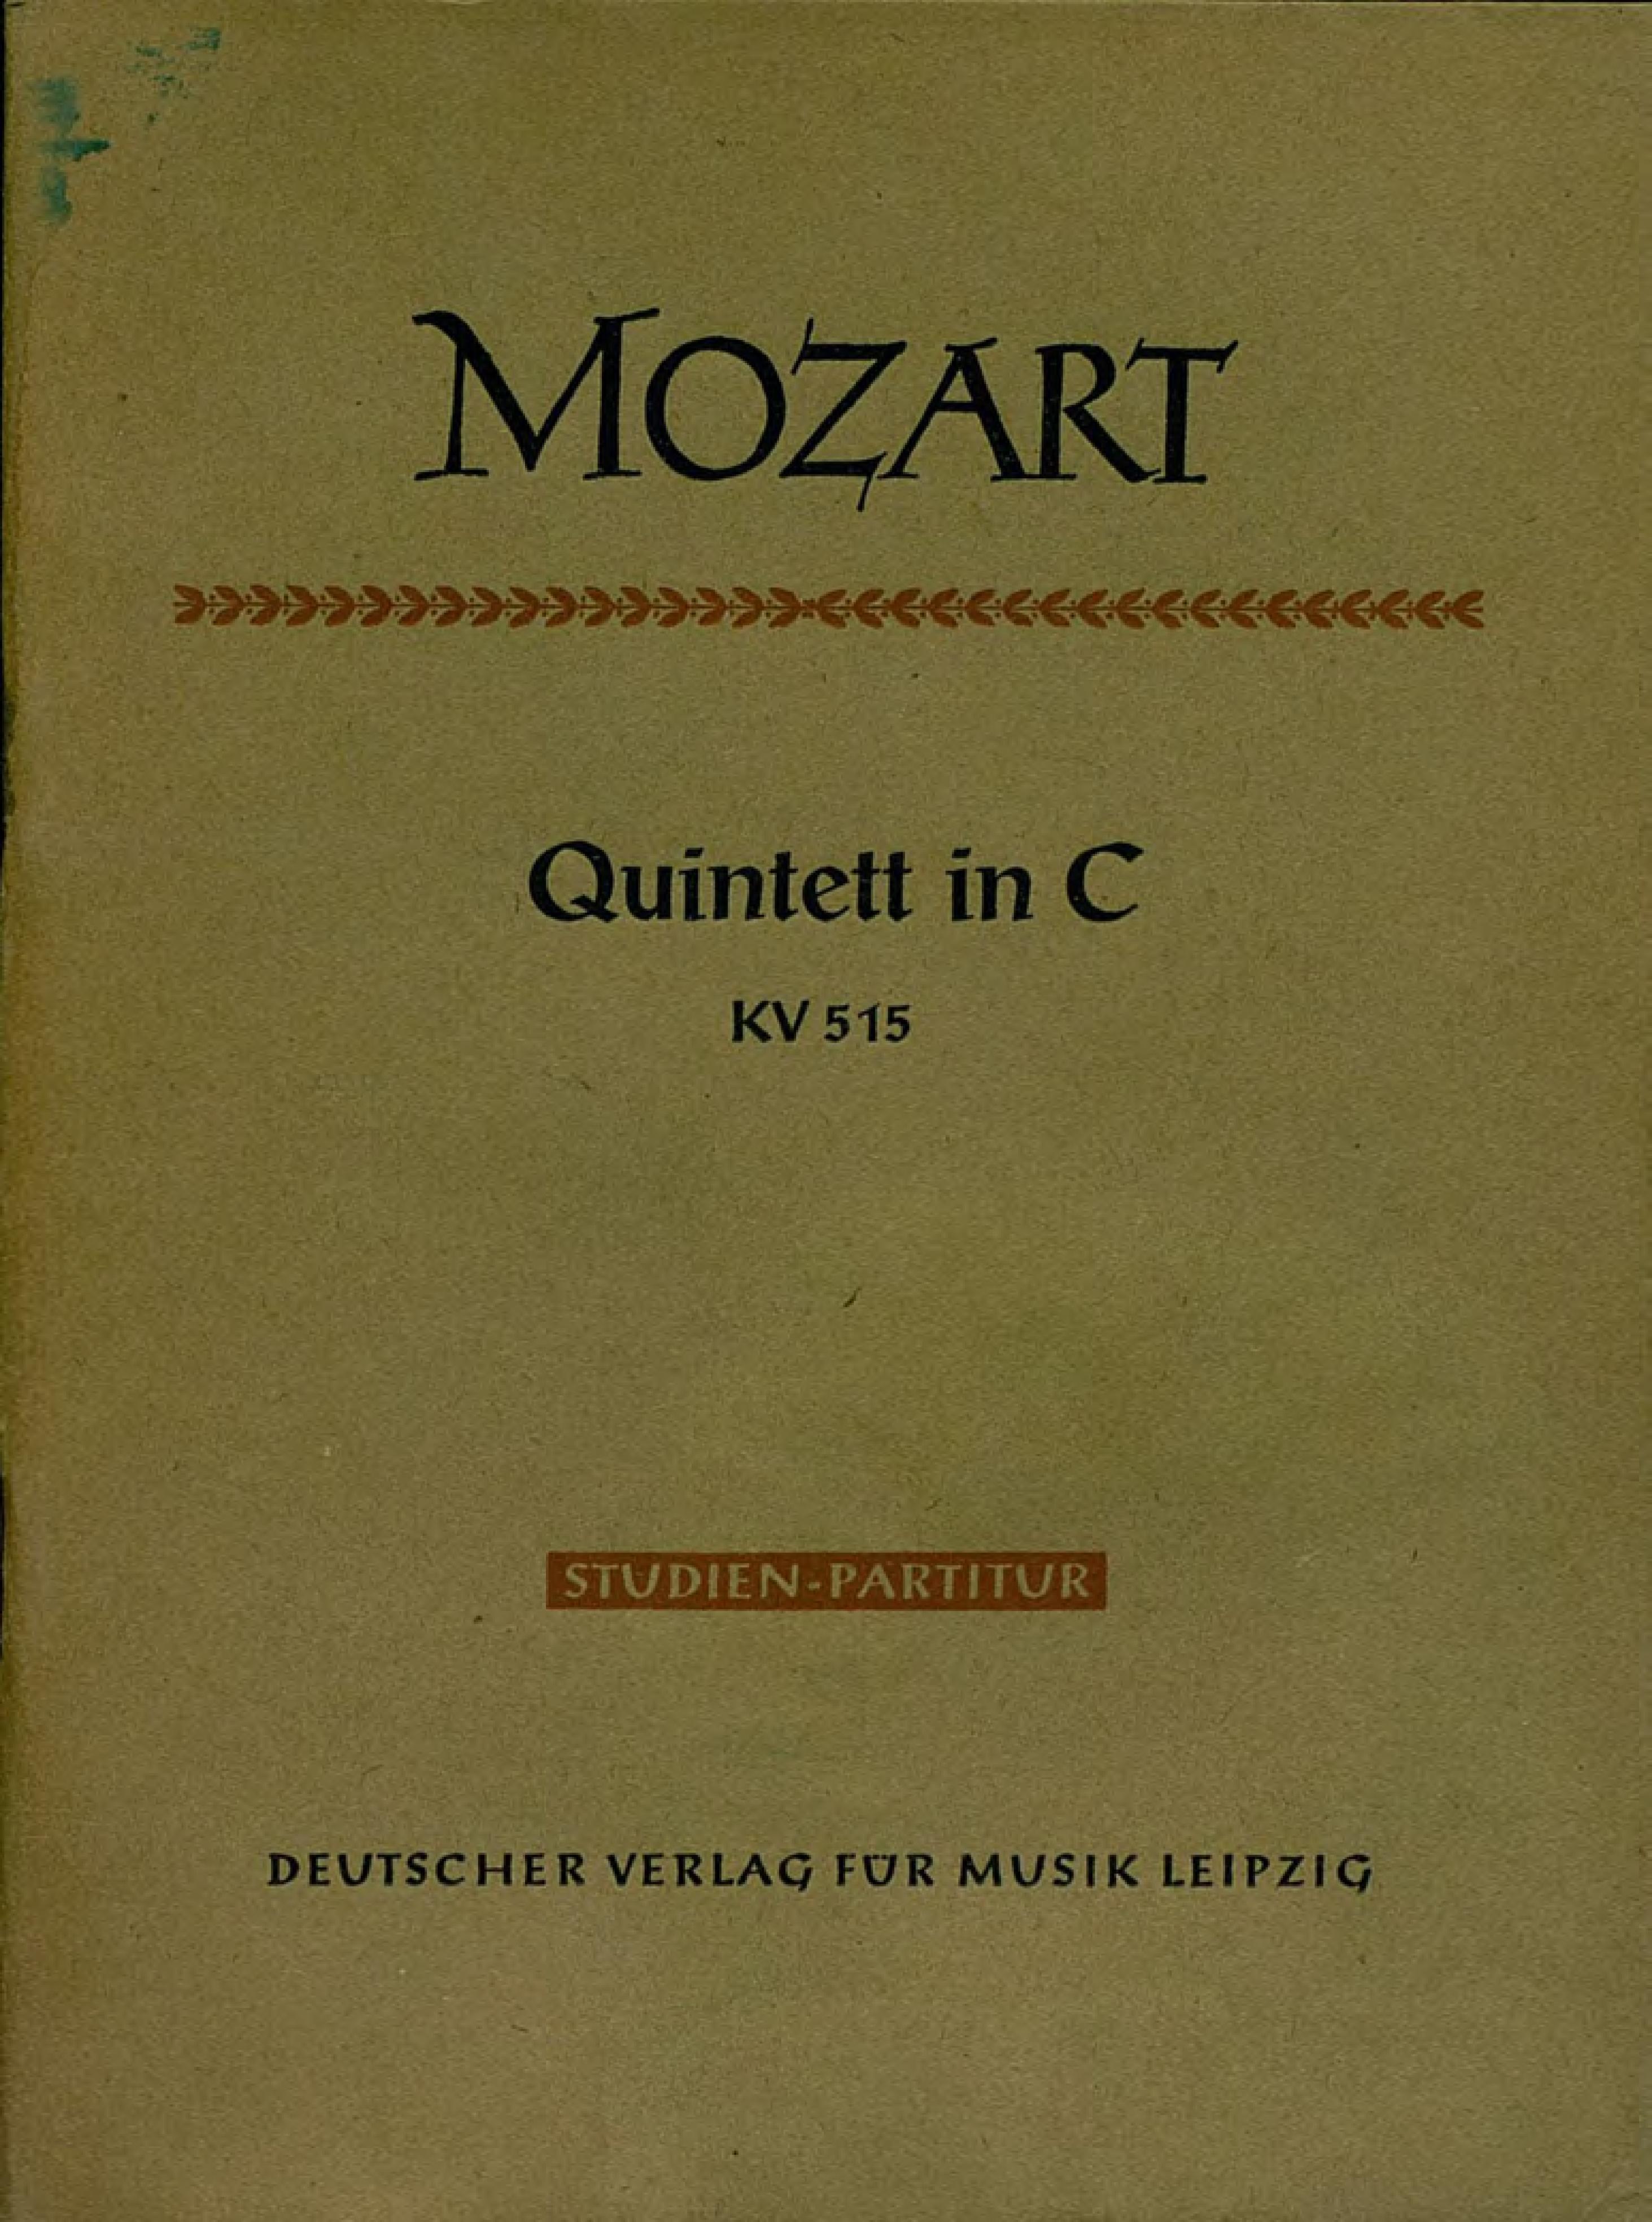 Вольфганг Амадей Моцарт Quintett in C fur 2 Violinen, 2 Violen u. Violoncello